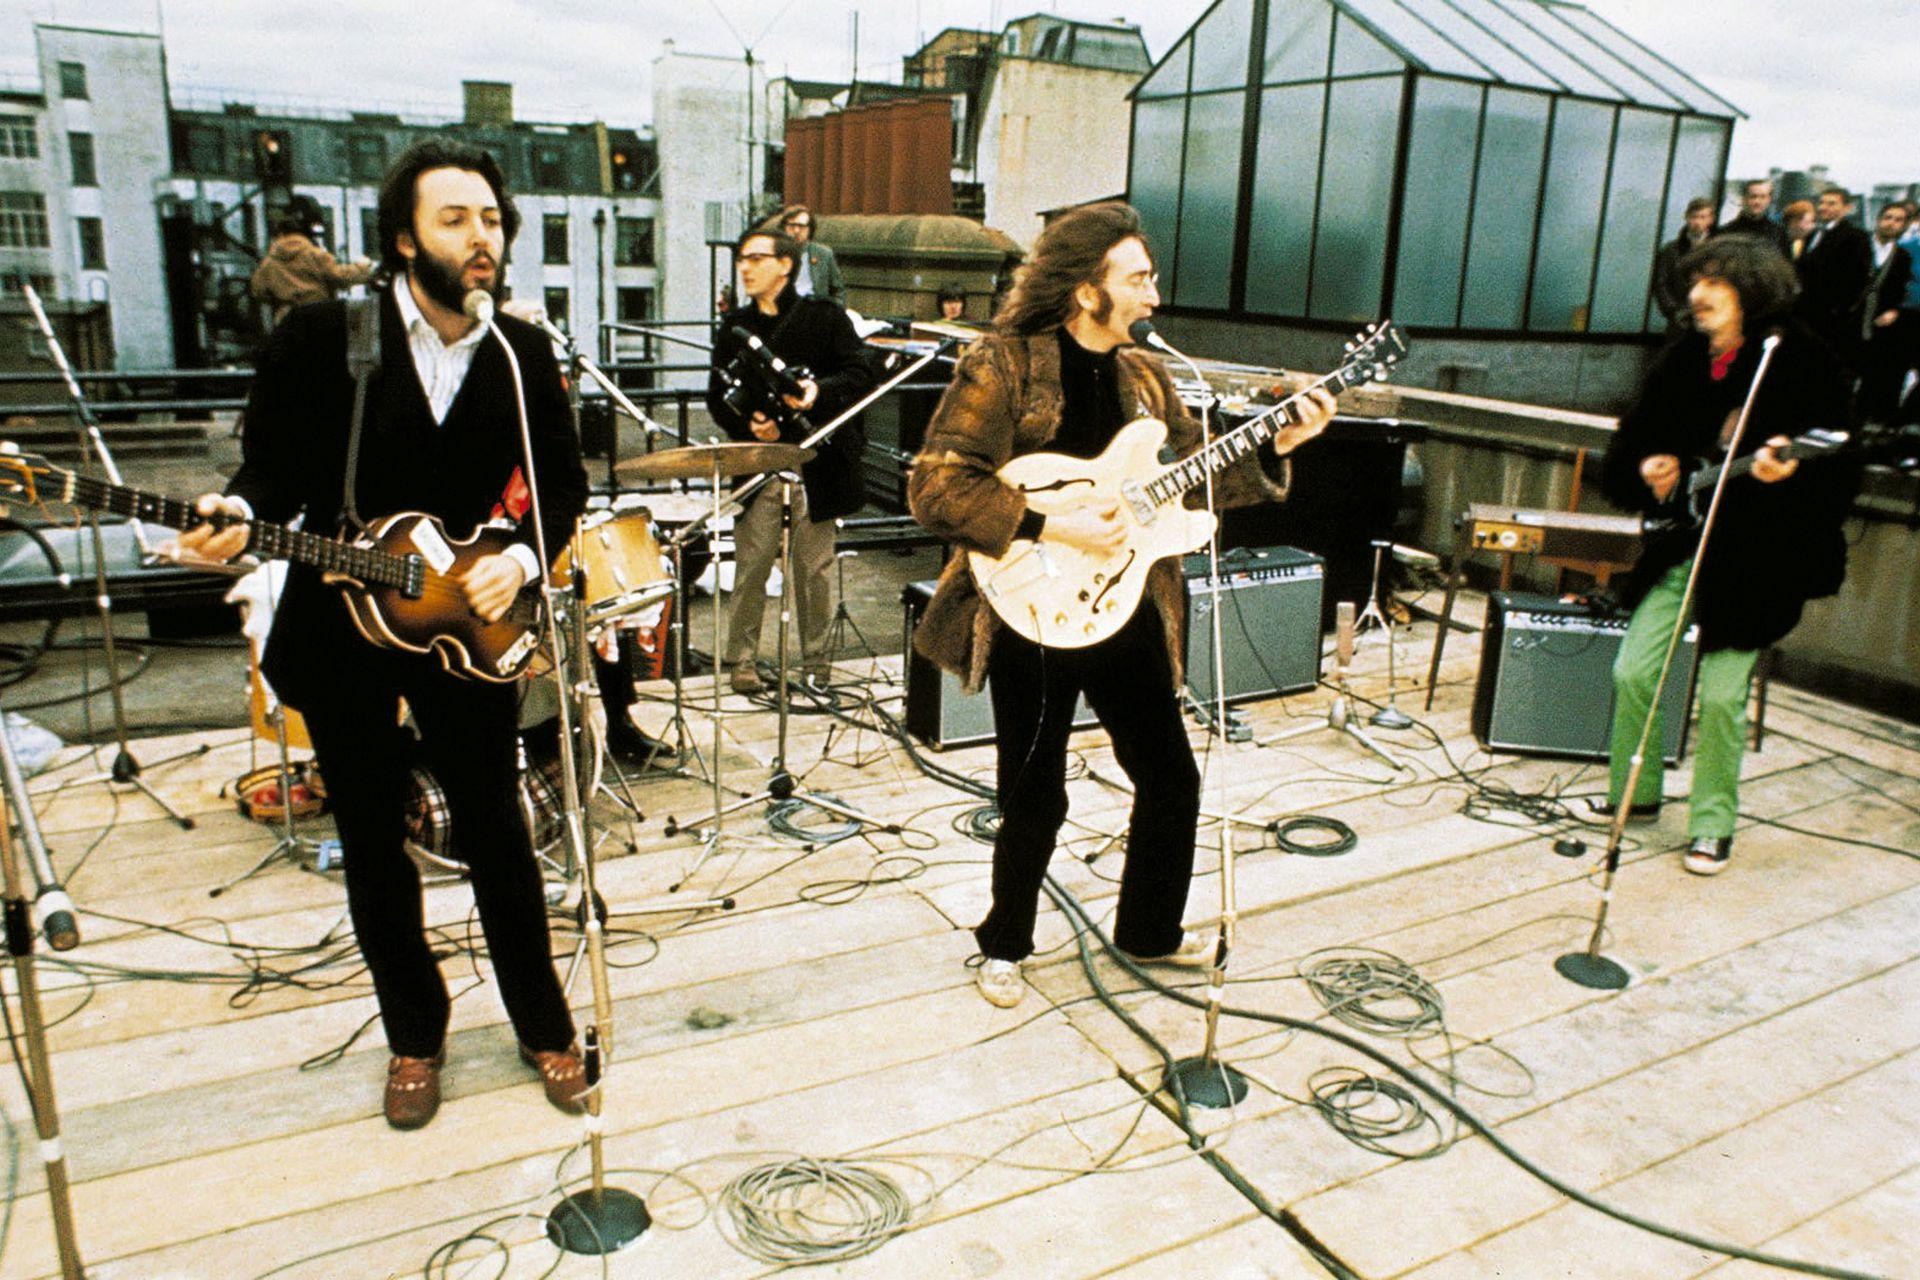 La última aparición pública como banda: para las canciones que tocaron en la terraza del edificio de Apple Corps, el 30 de enero de 1969